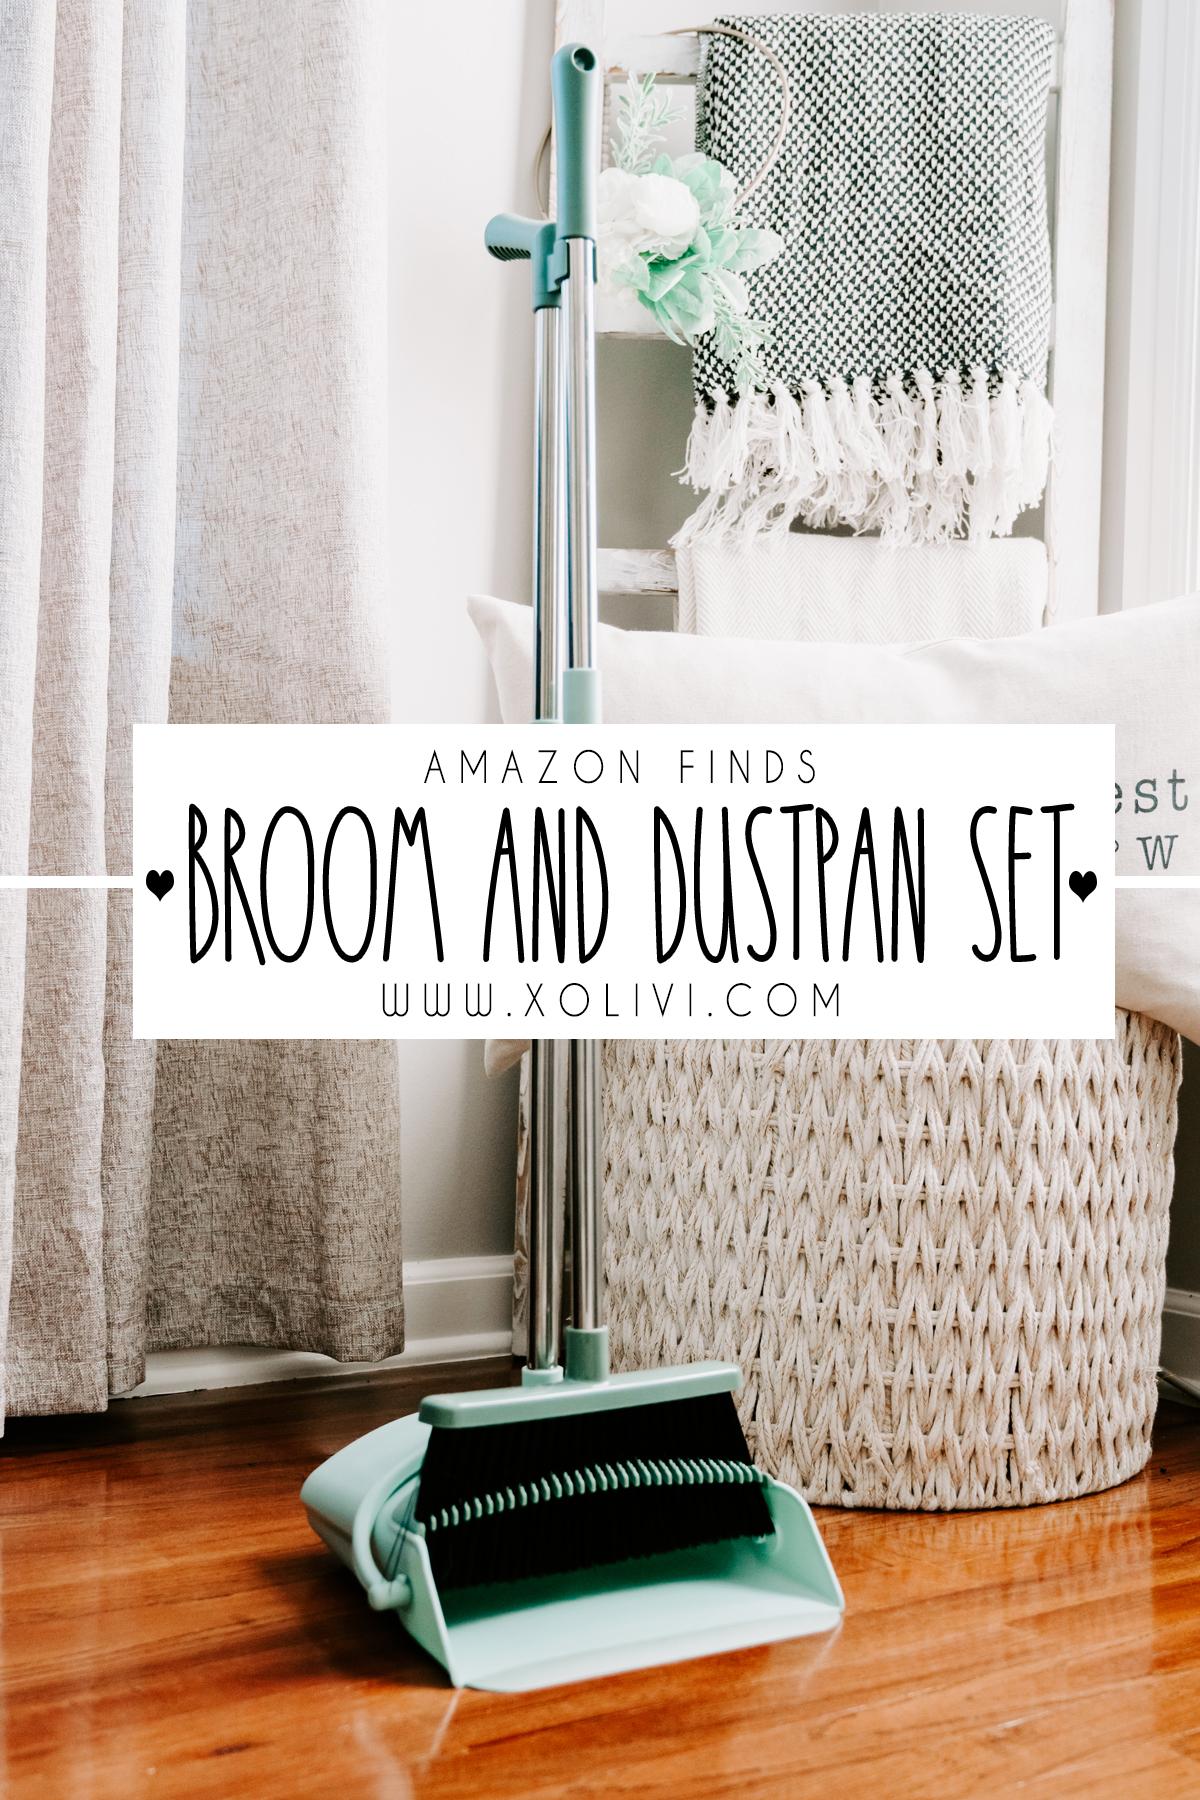 adjustable broom and dustpan set